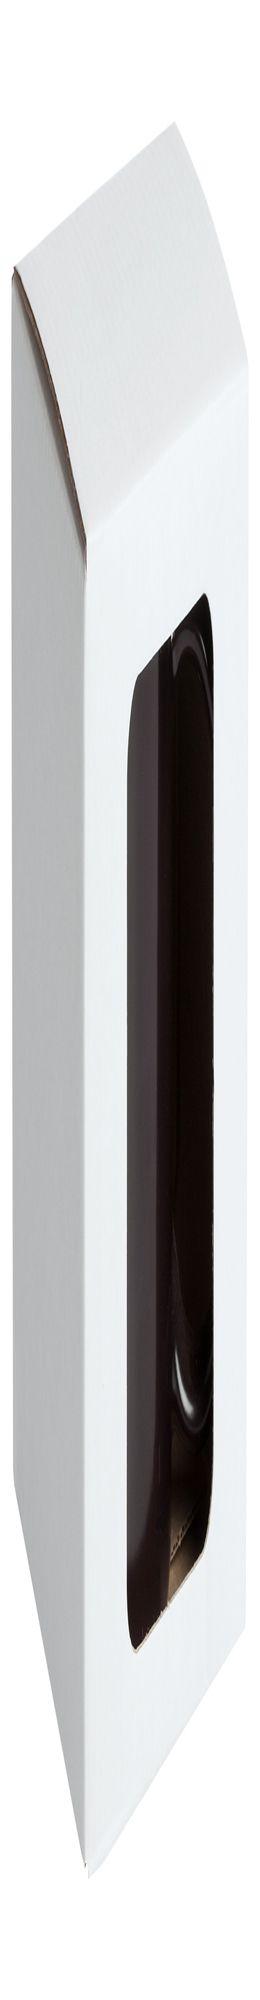 Коробка для кружки Window, белая фото